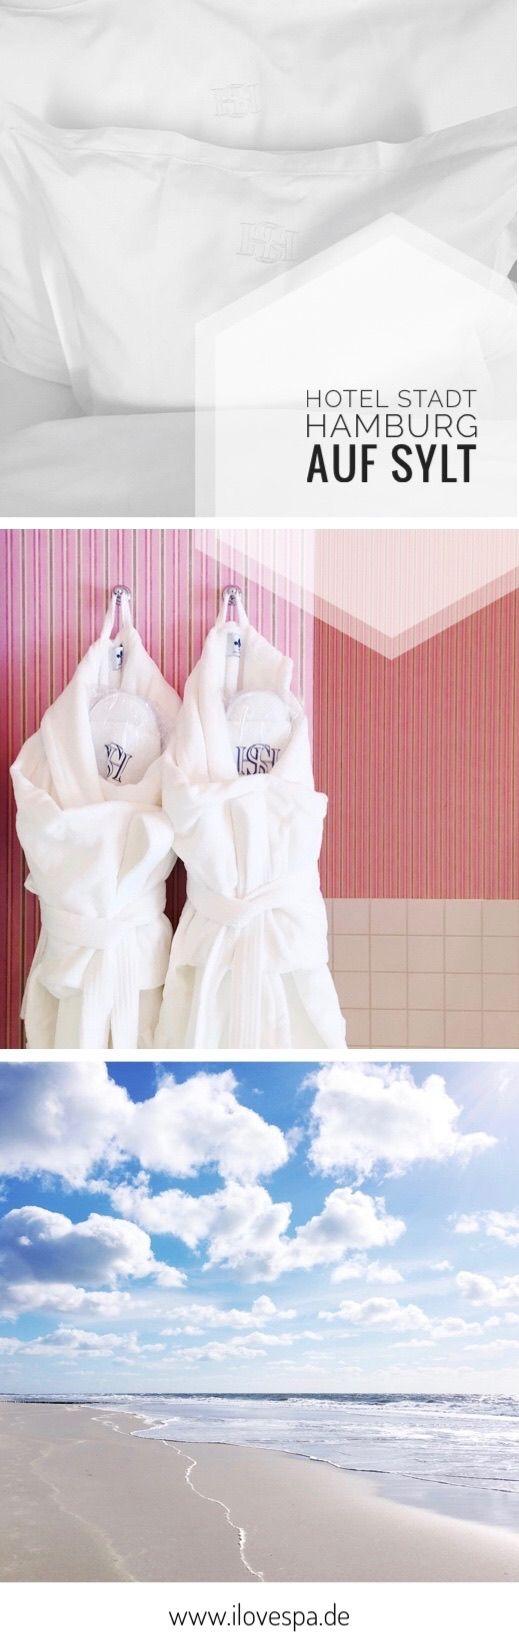 Spa und Wellness auf Sylt - Auszeit im Hotel Stadt Hamburg Sylt